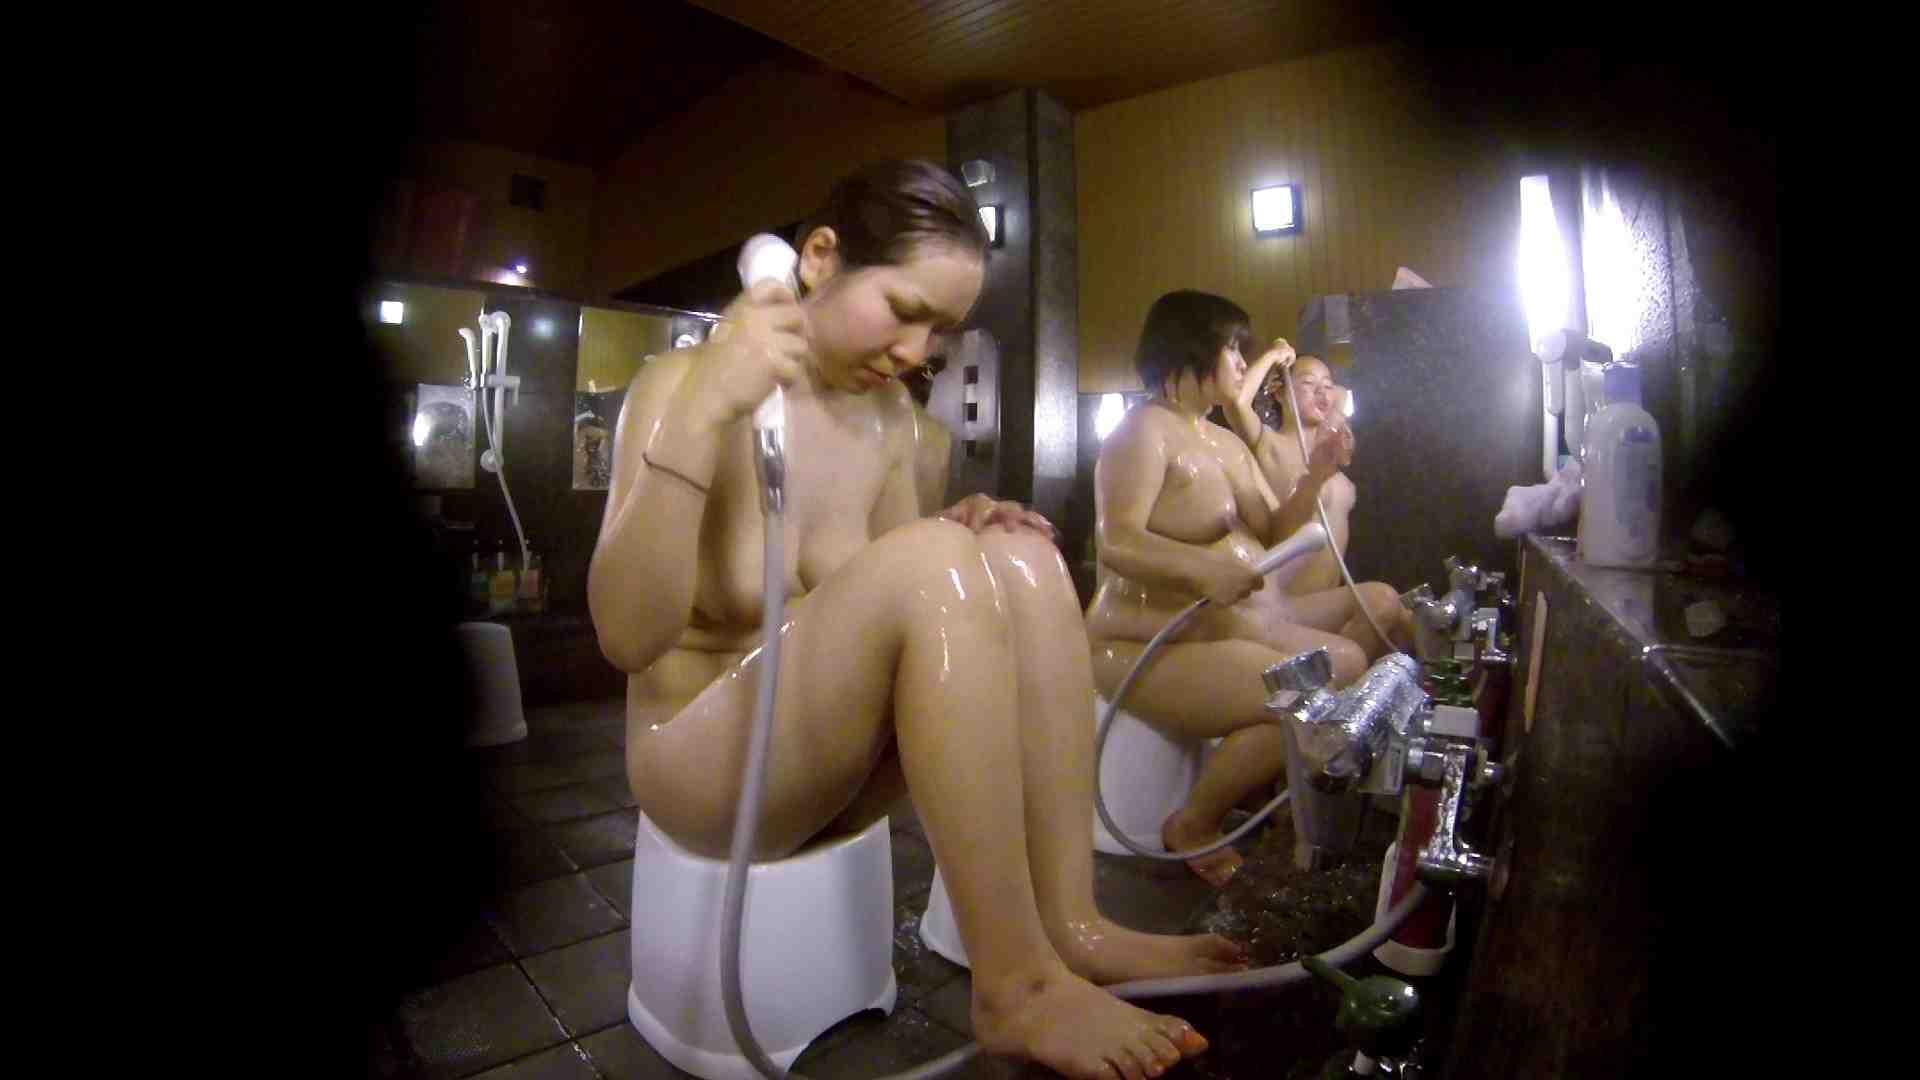 洗い場!色白でなかなかの美巨乳。柔らかく揺れまくりです 銭湯 盗み撮りオマンコ動画キャプチャ 92pic 44